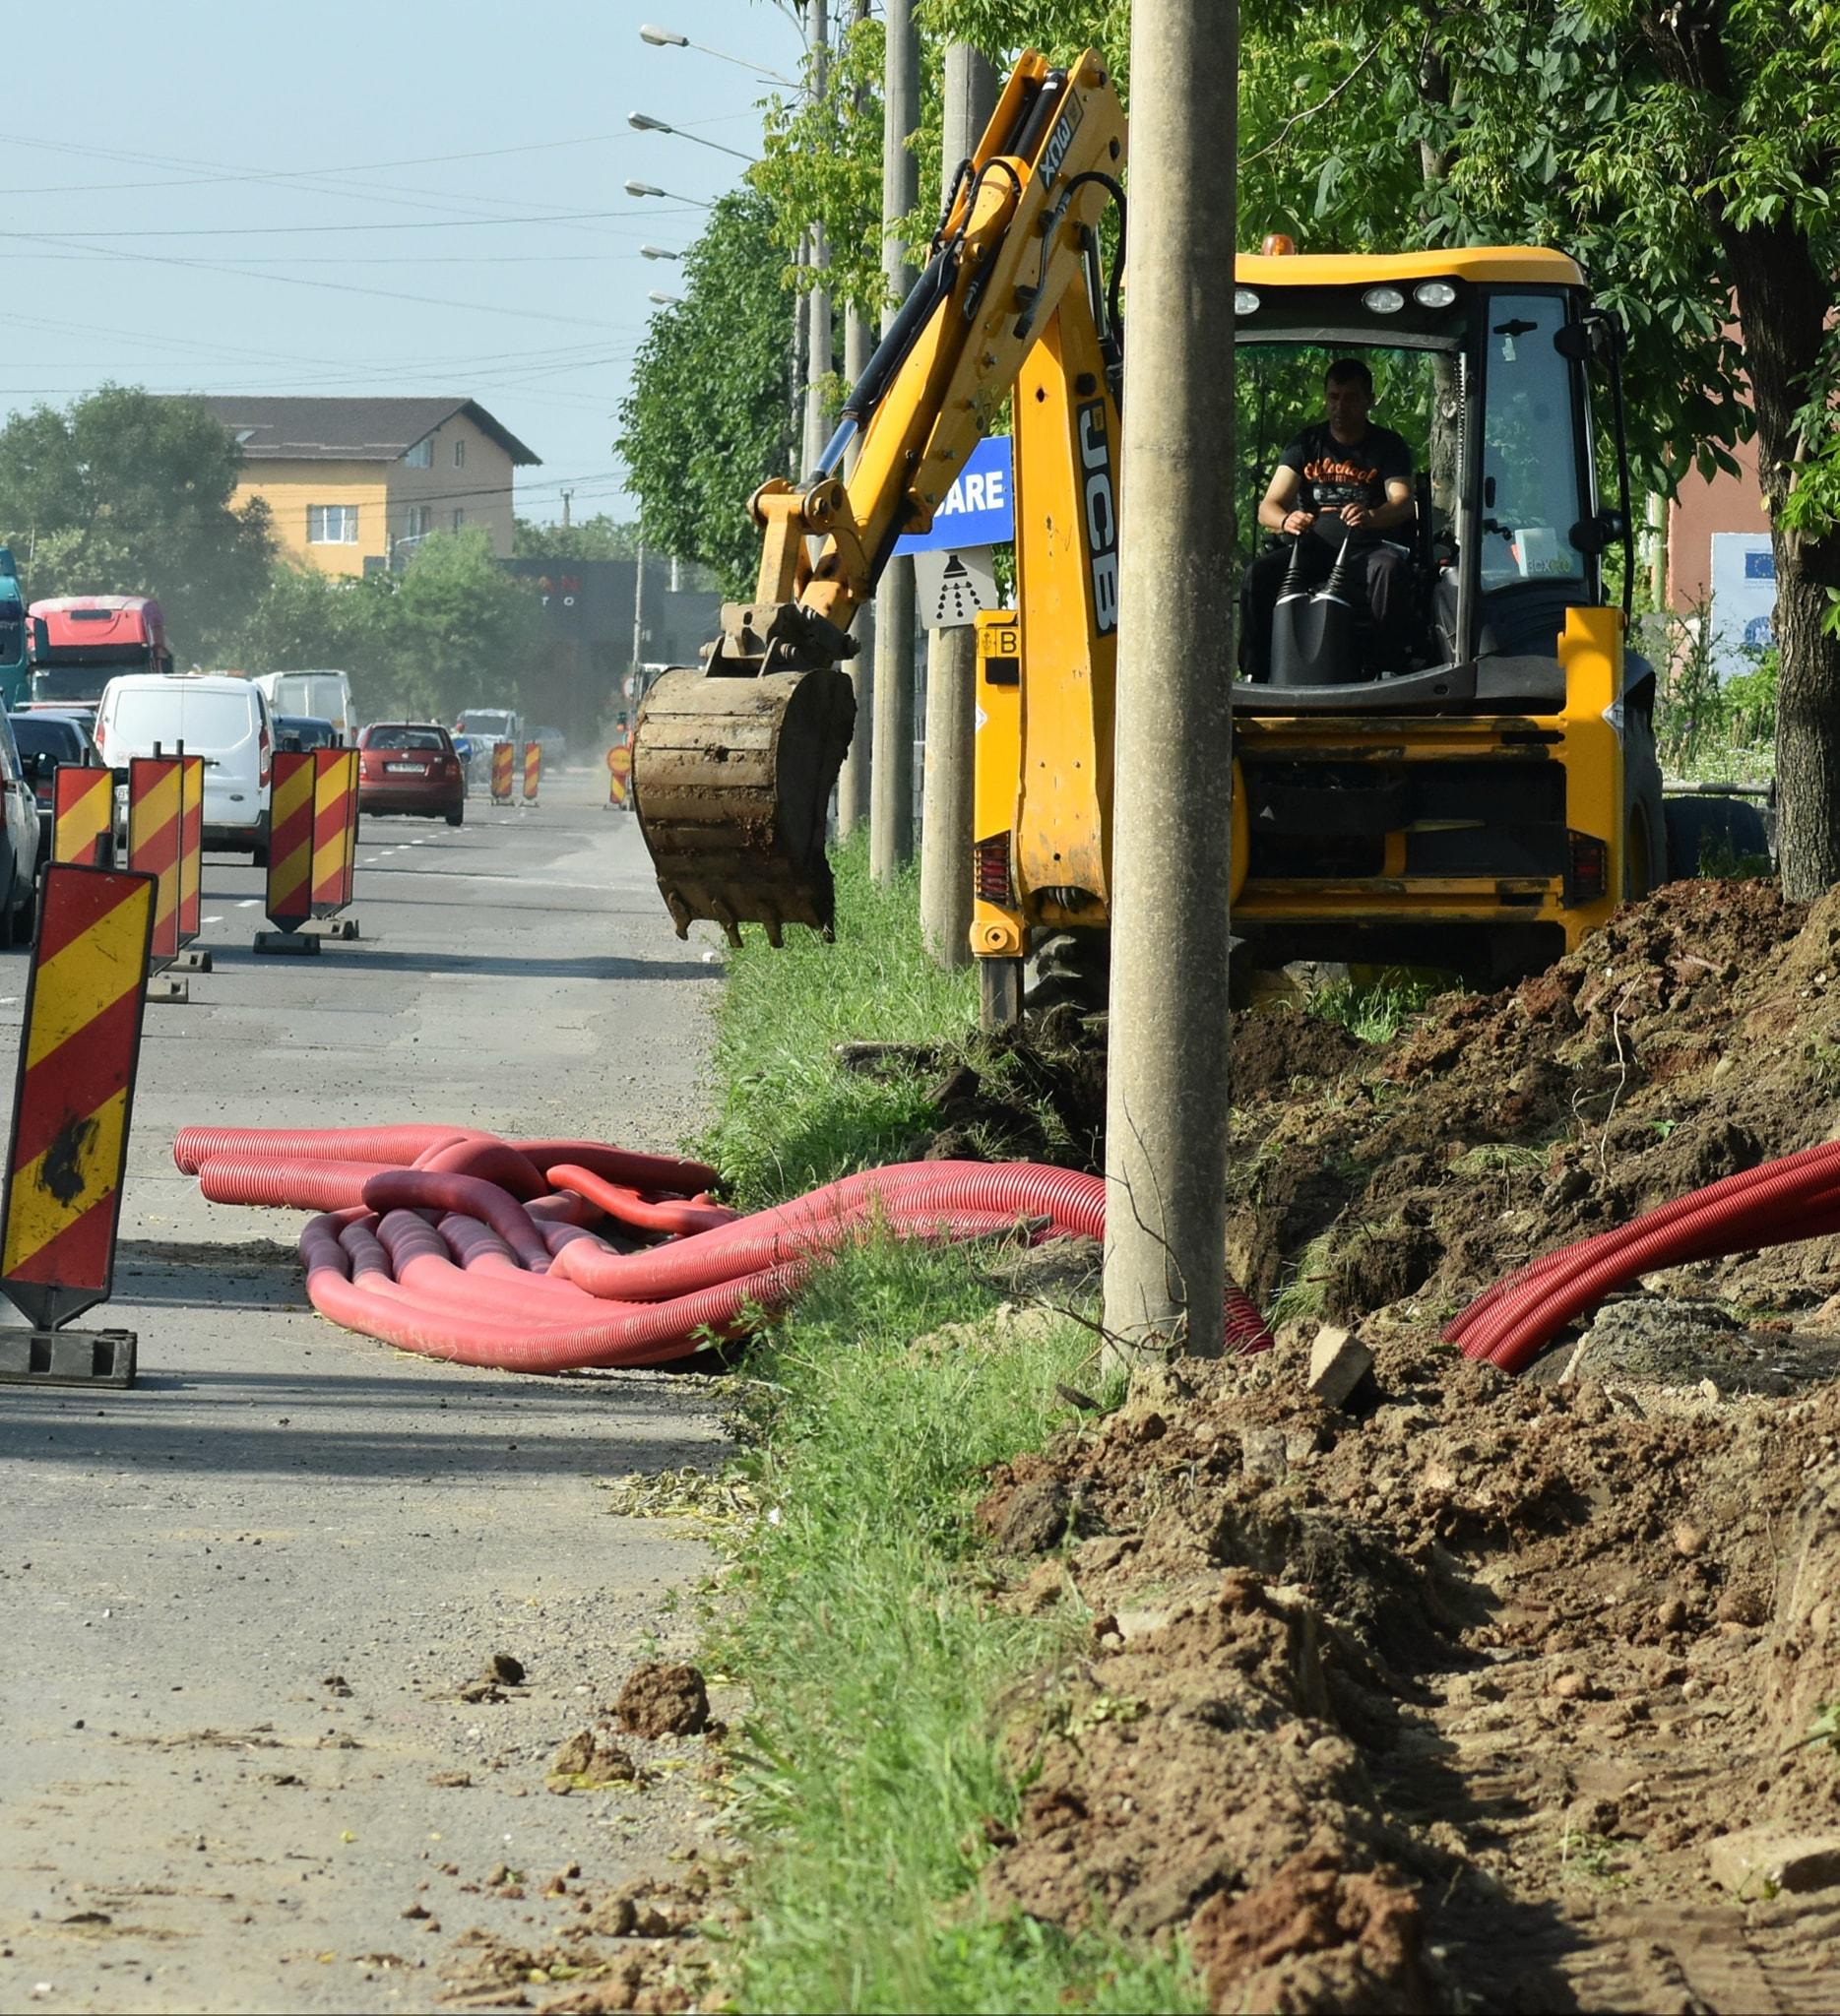 Peste 3000 de mașini intră, zi de zi, pe șoseaua Găești din Târgoviște. Când vor fi gata lucrările de reabilitare